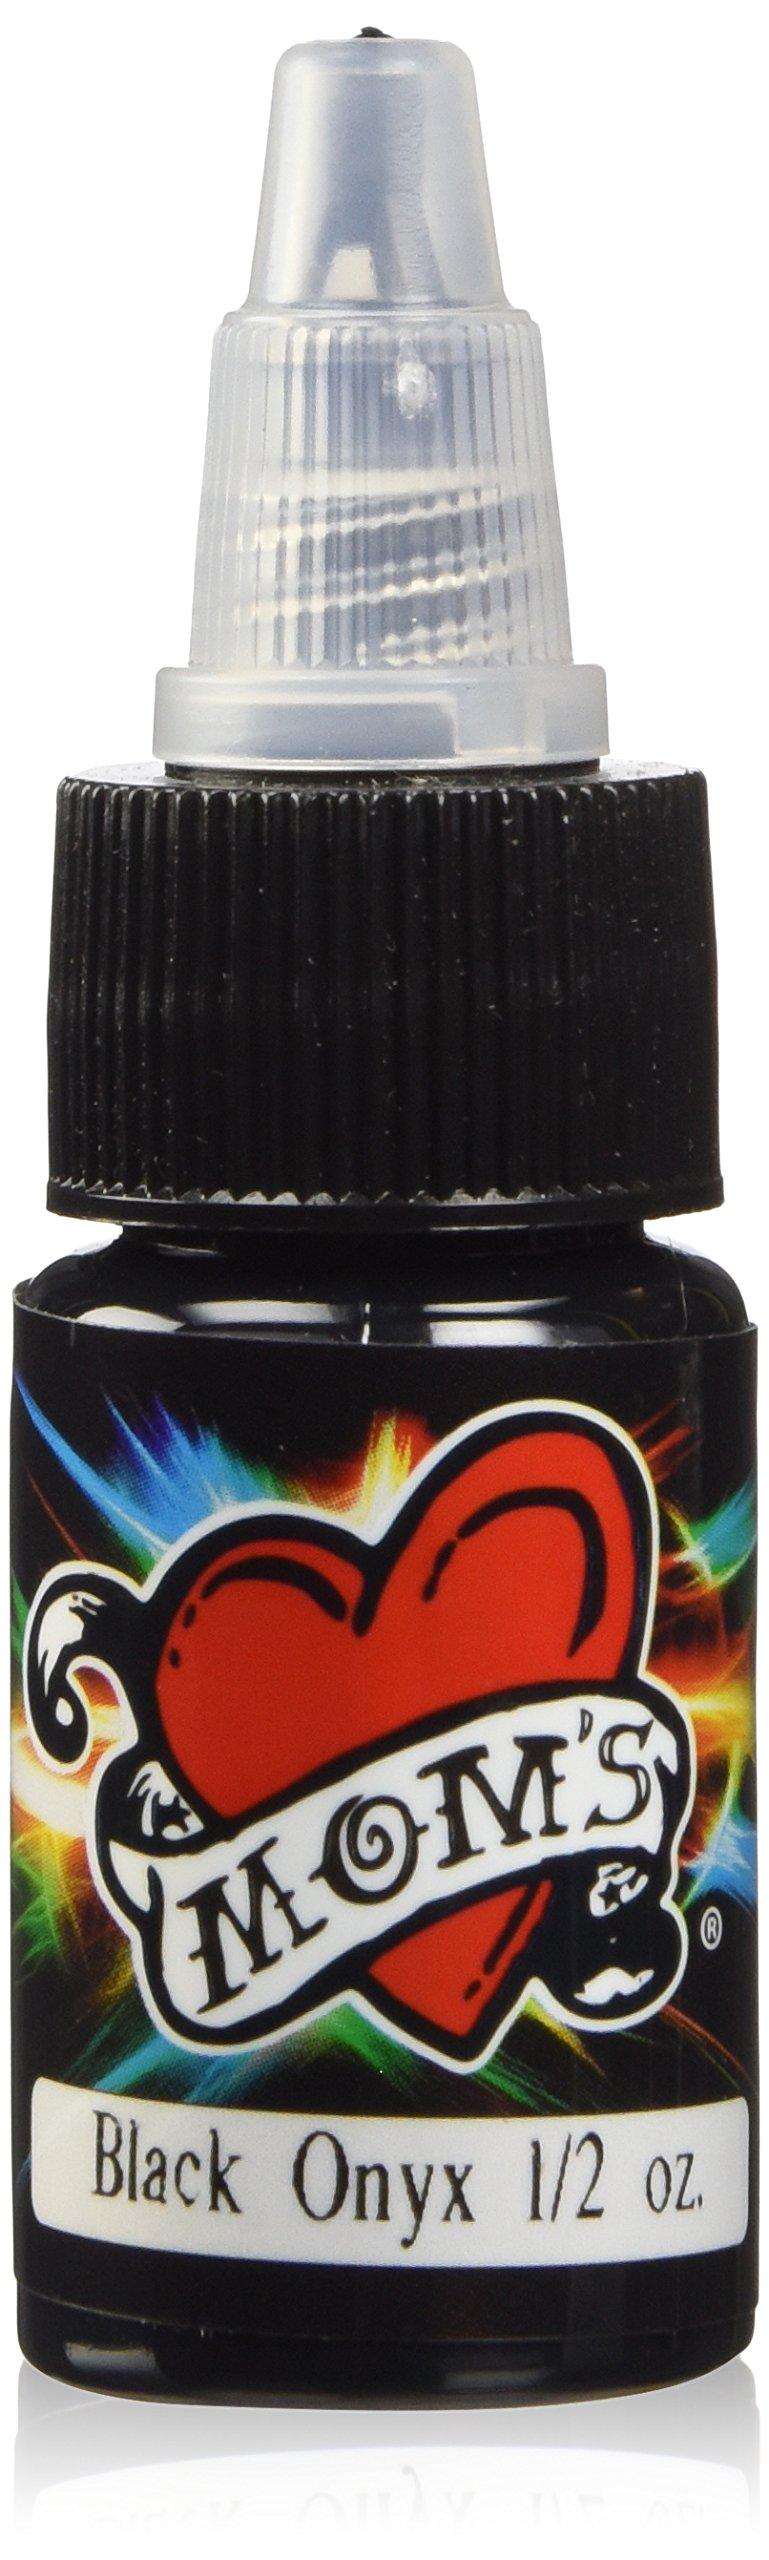 BLACK ONYX Millennium Moms 1/2oz Tattoo Ink Mom's Millenium Milennium Pigment